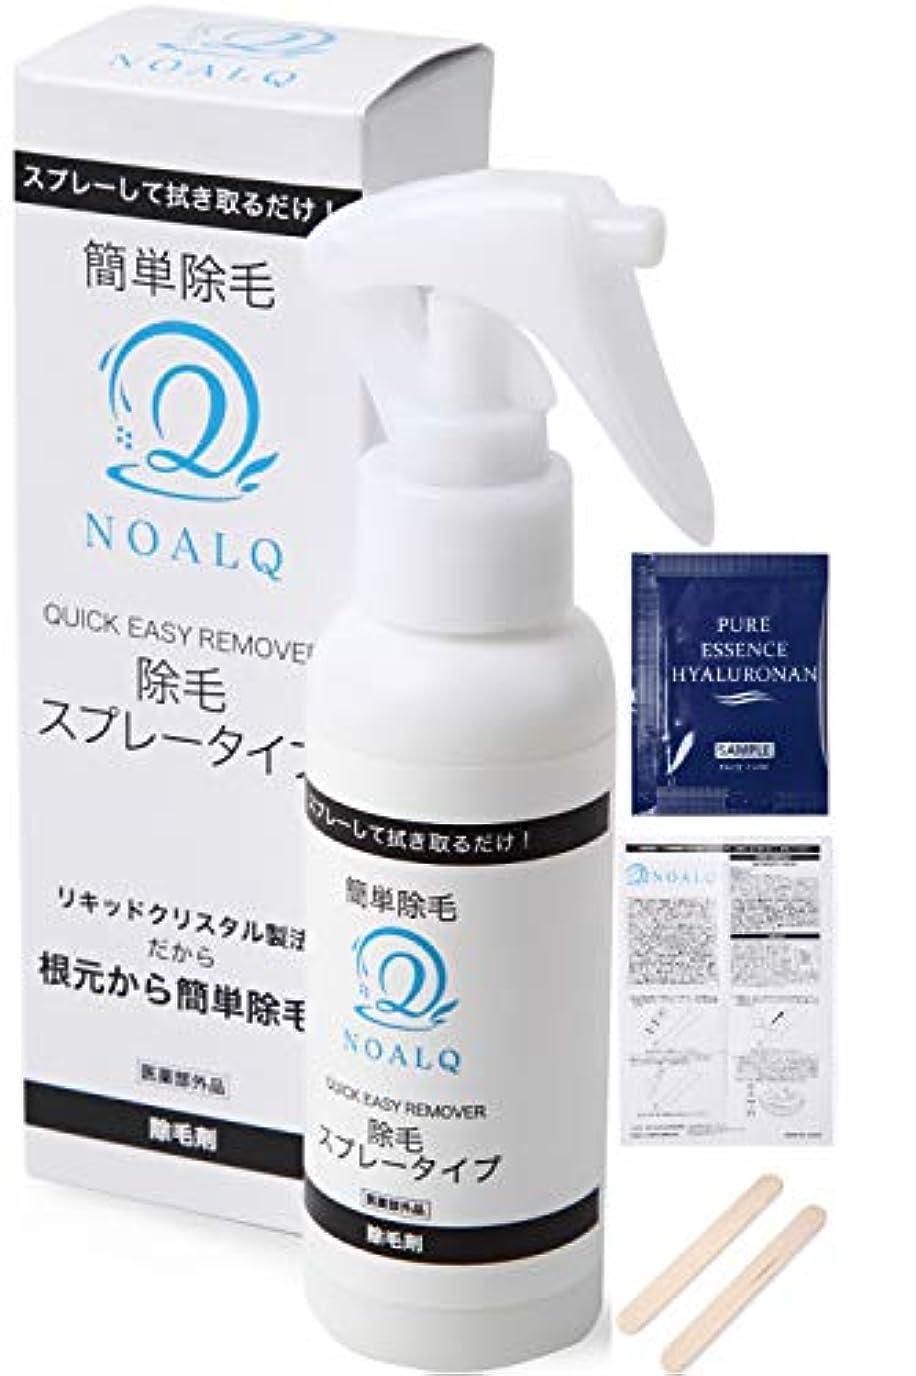 体現するスイス人自分のためにNOALQ 除毛スプレー 医薬部外品